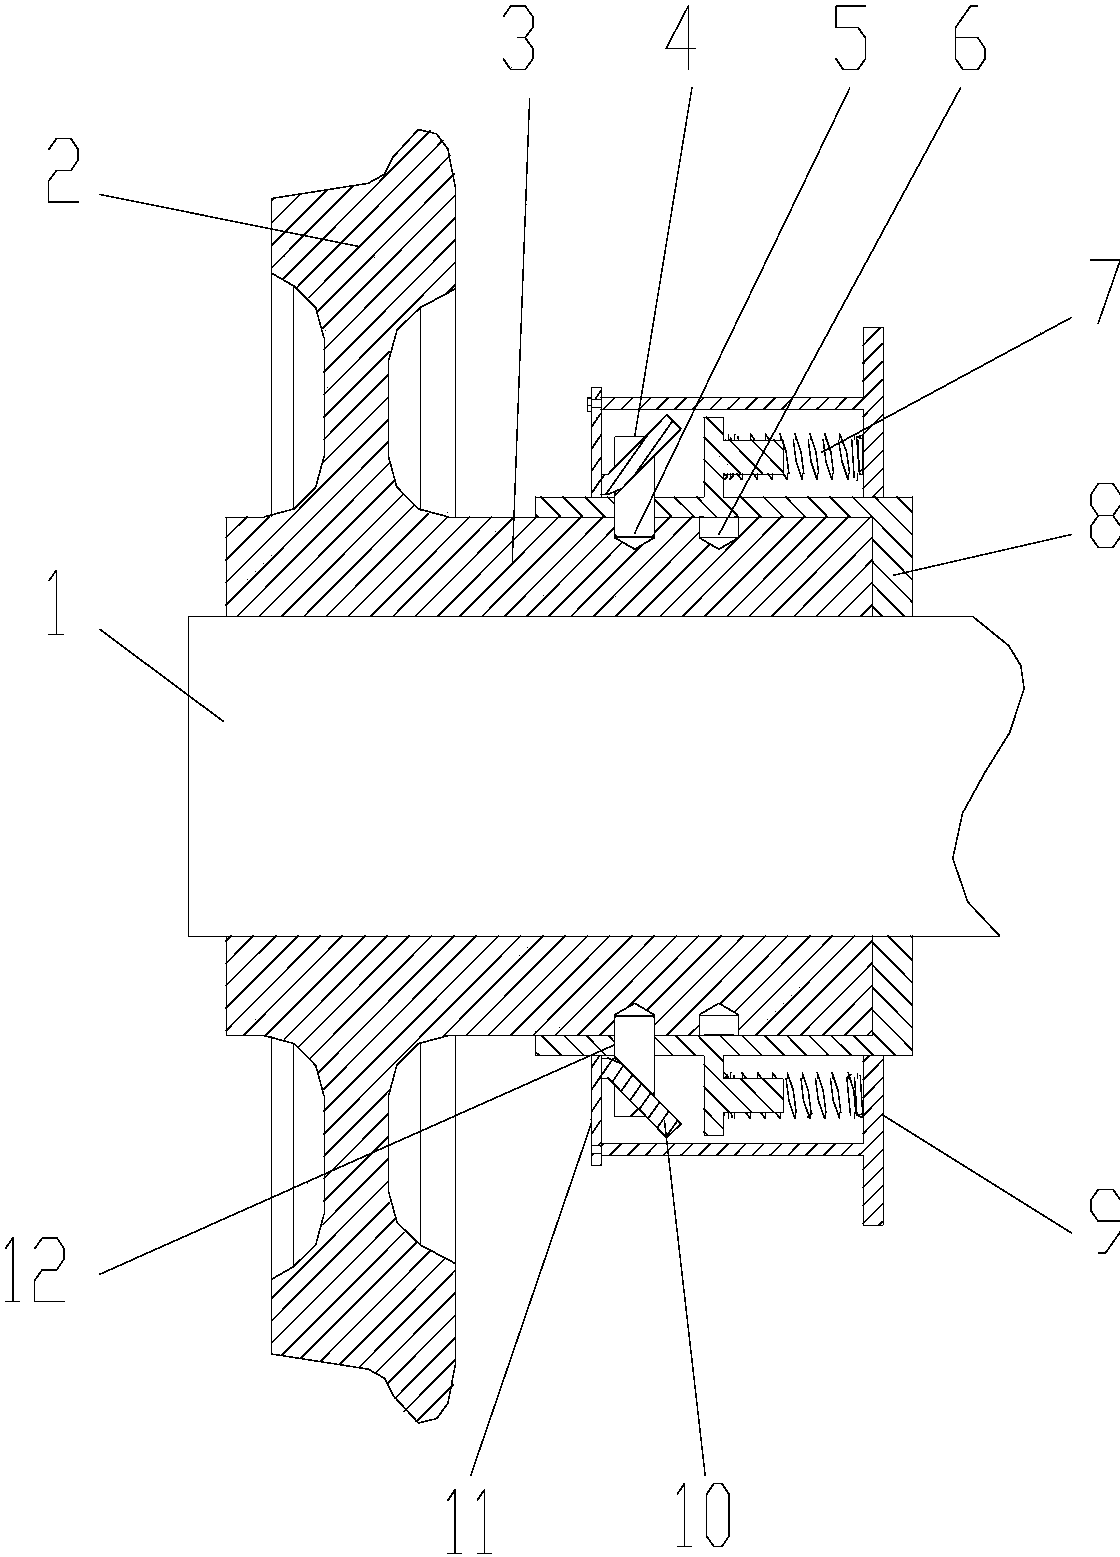 cn107187461b_一种钓竿式可变轨距锁紧机构有效